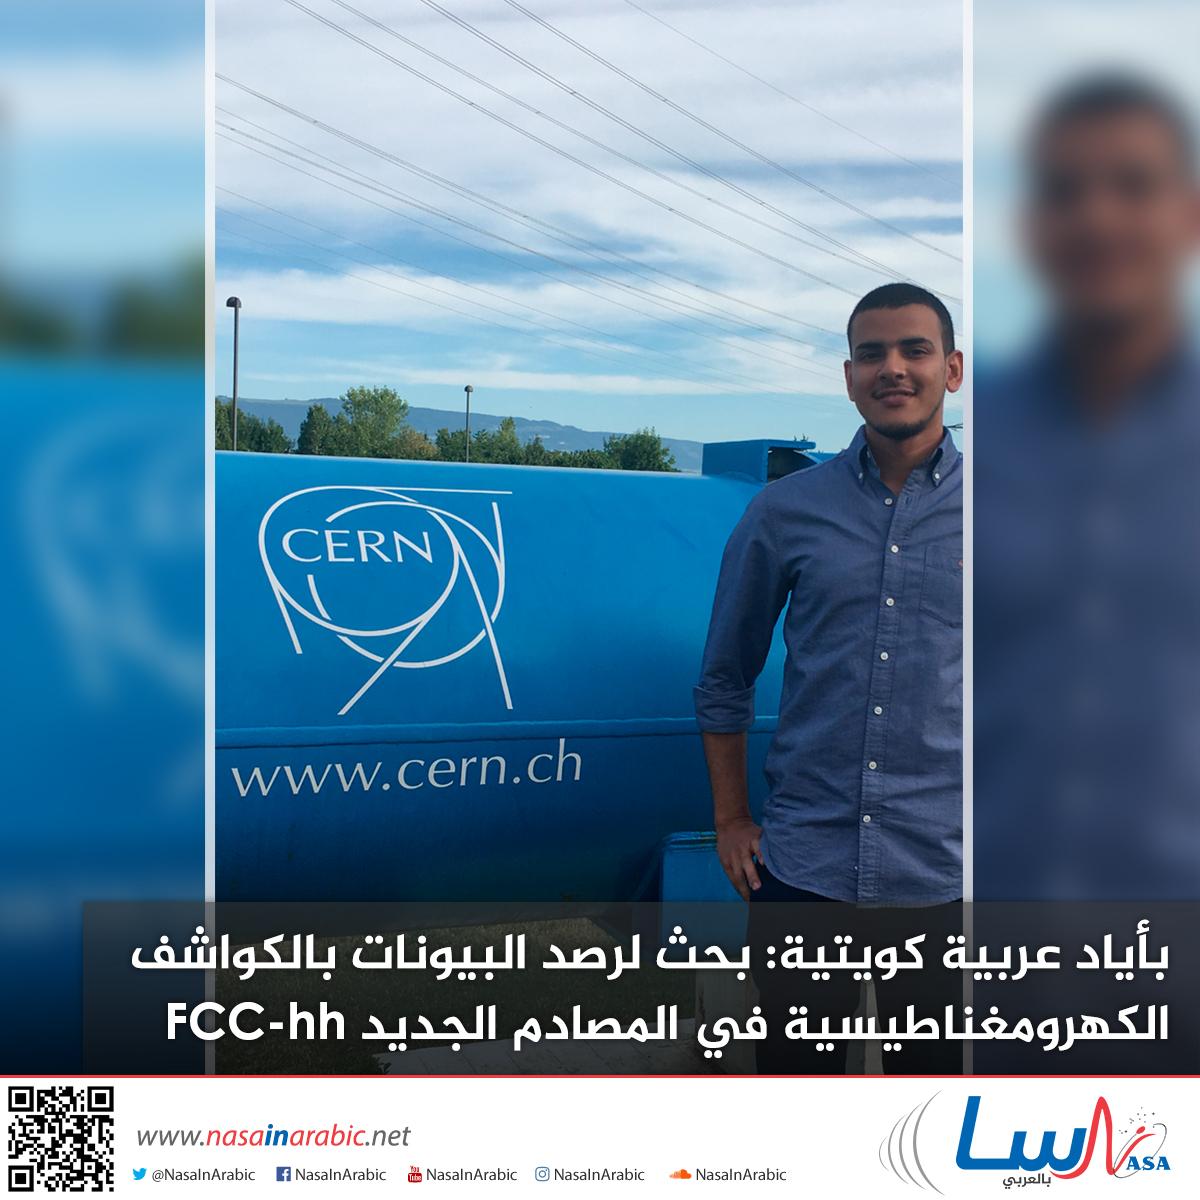 بأياد عربية كويتية: بحث لرصد البيونات في الكواشف الكهرومغناطيسية في المصادم الجديد  FCC-hh